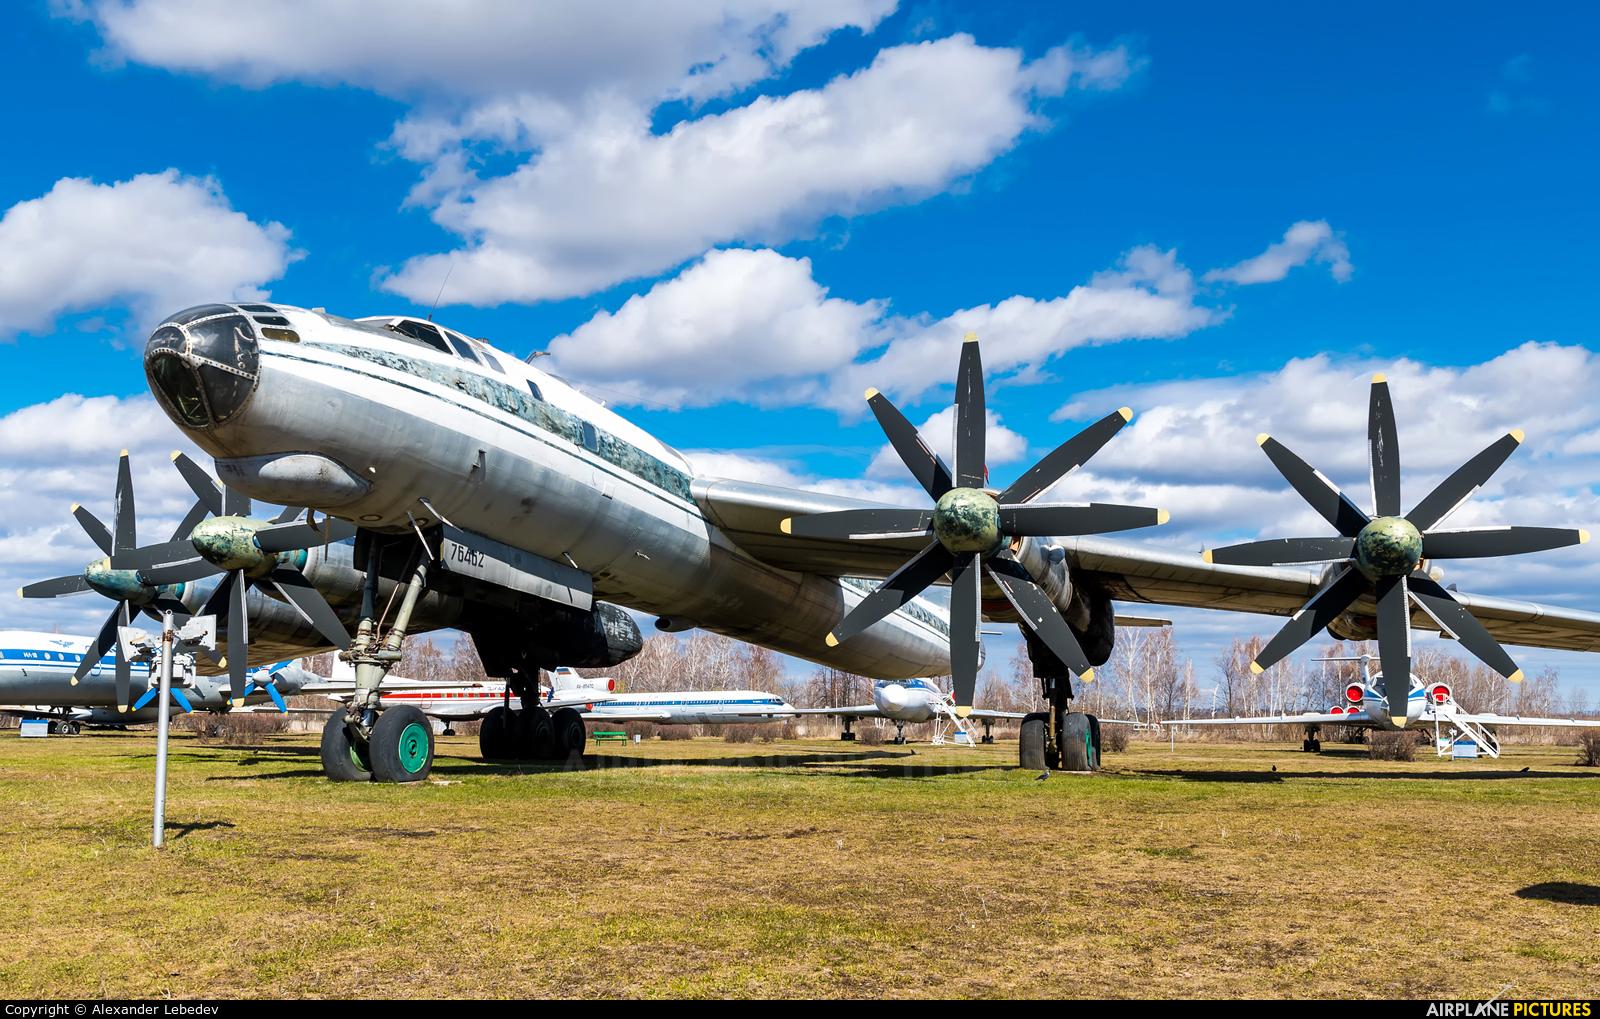 Aeroflot СССР-76462 aircraft at Ulyanovsk - Baratayevka